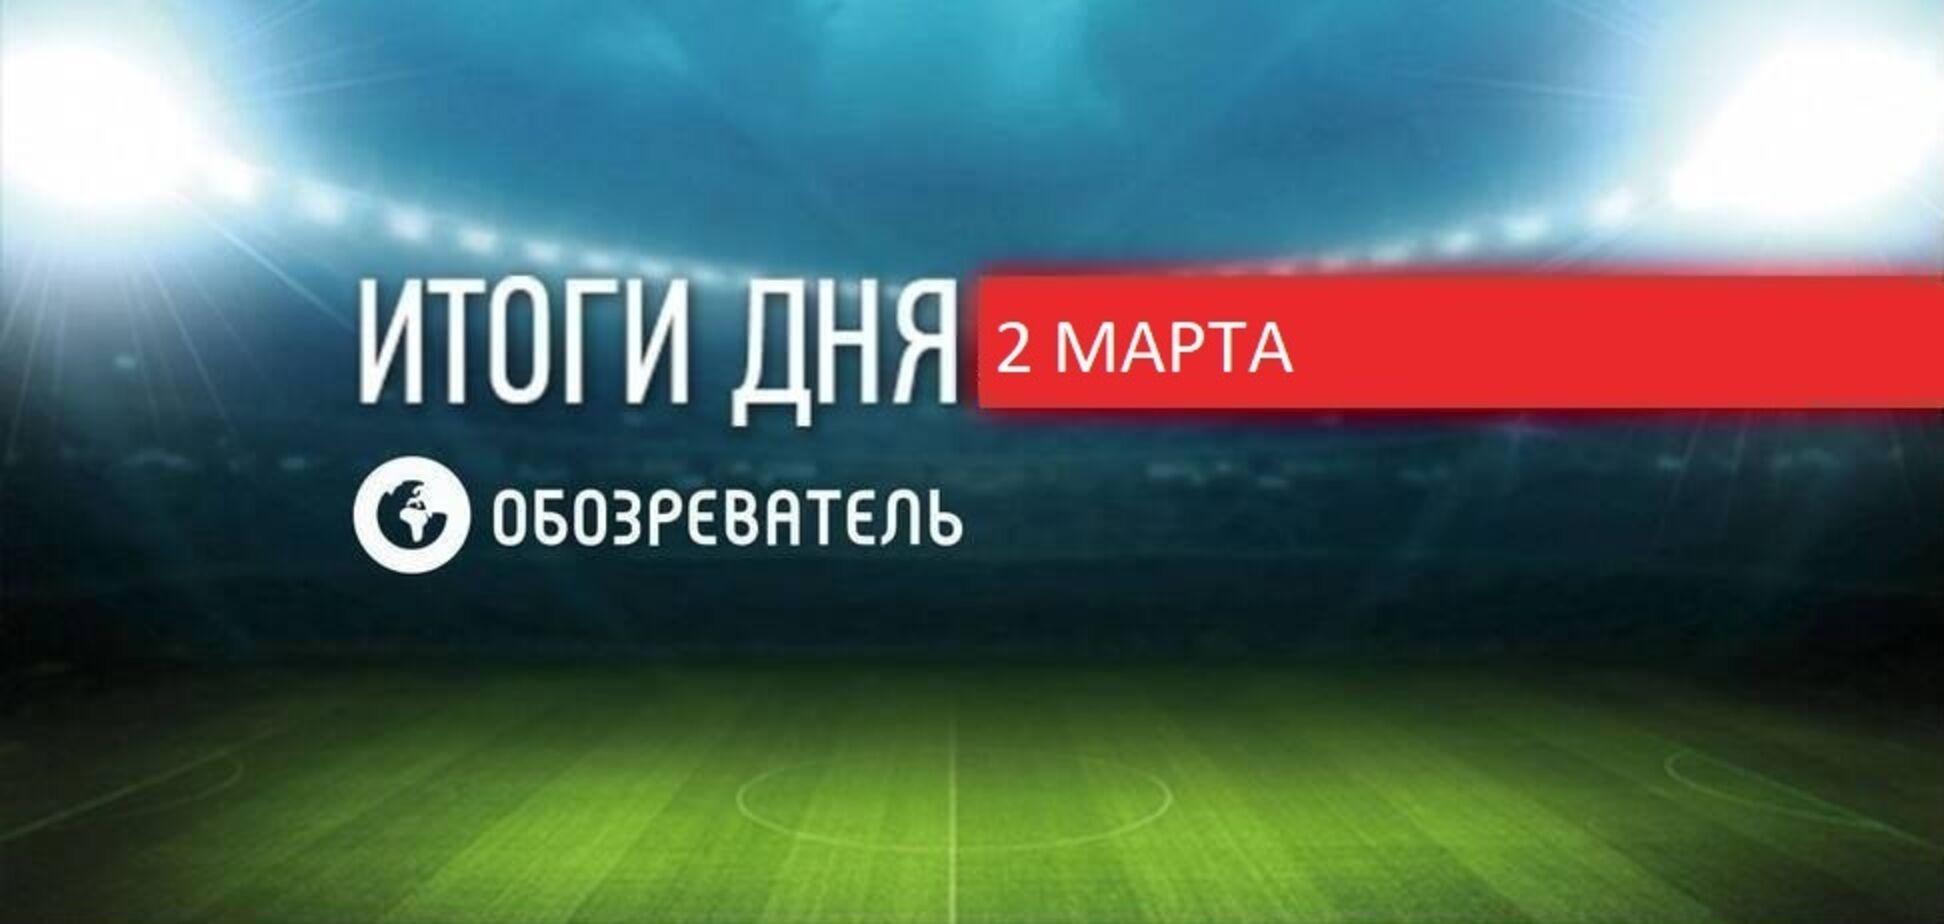 'Львов' уволил тренера, который требовал от судьи говорить на украинском: спортивные итоги 2 марта